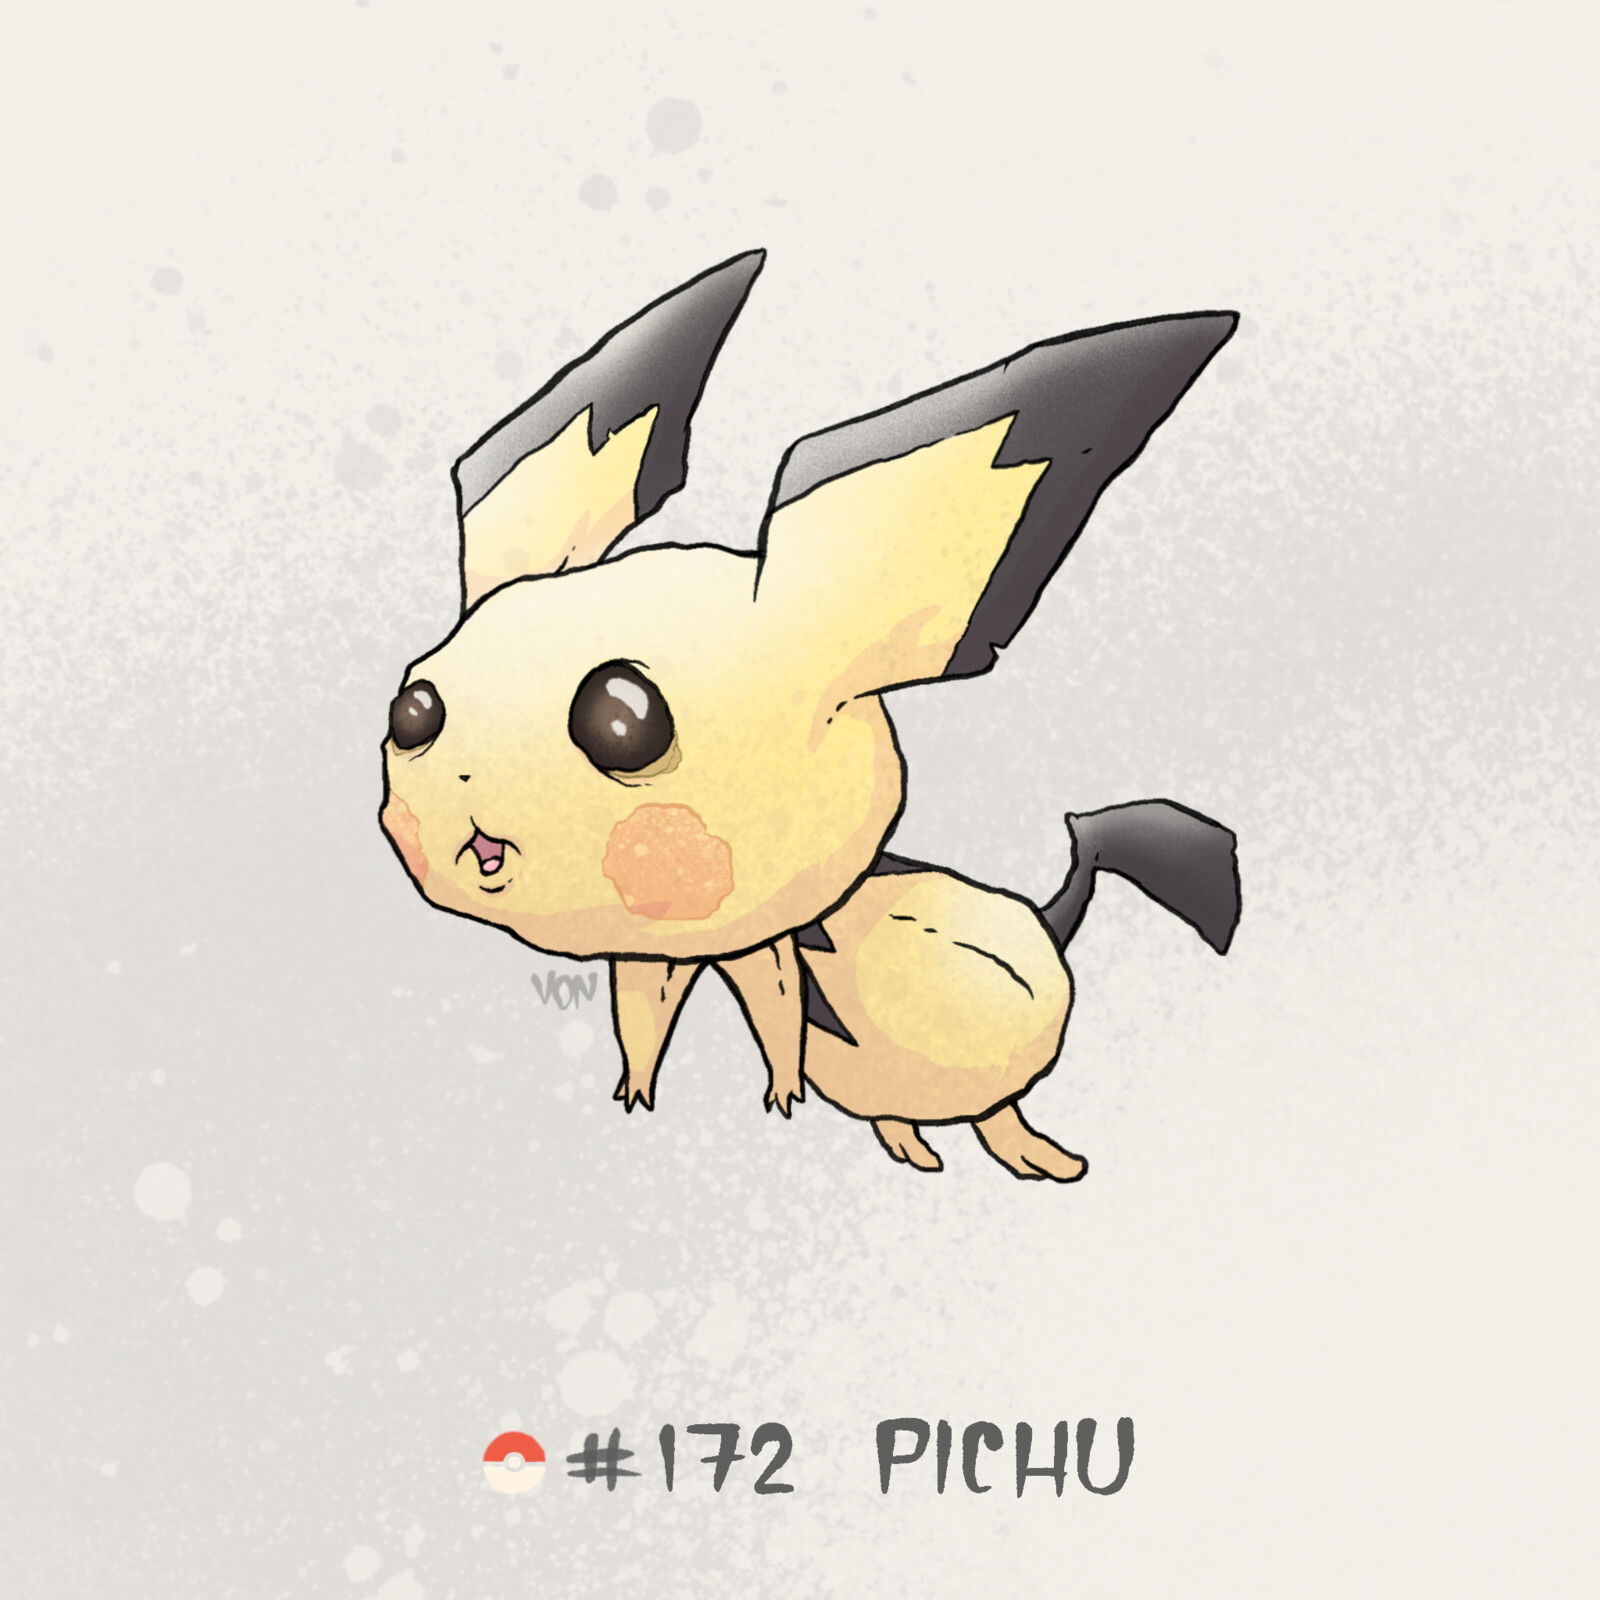 #172 Pichu